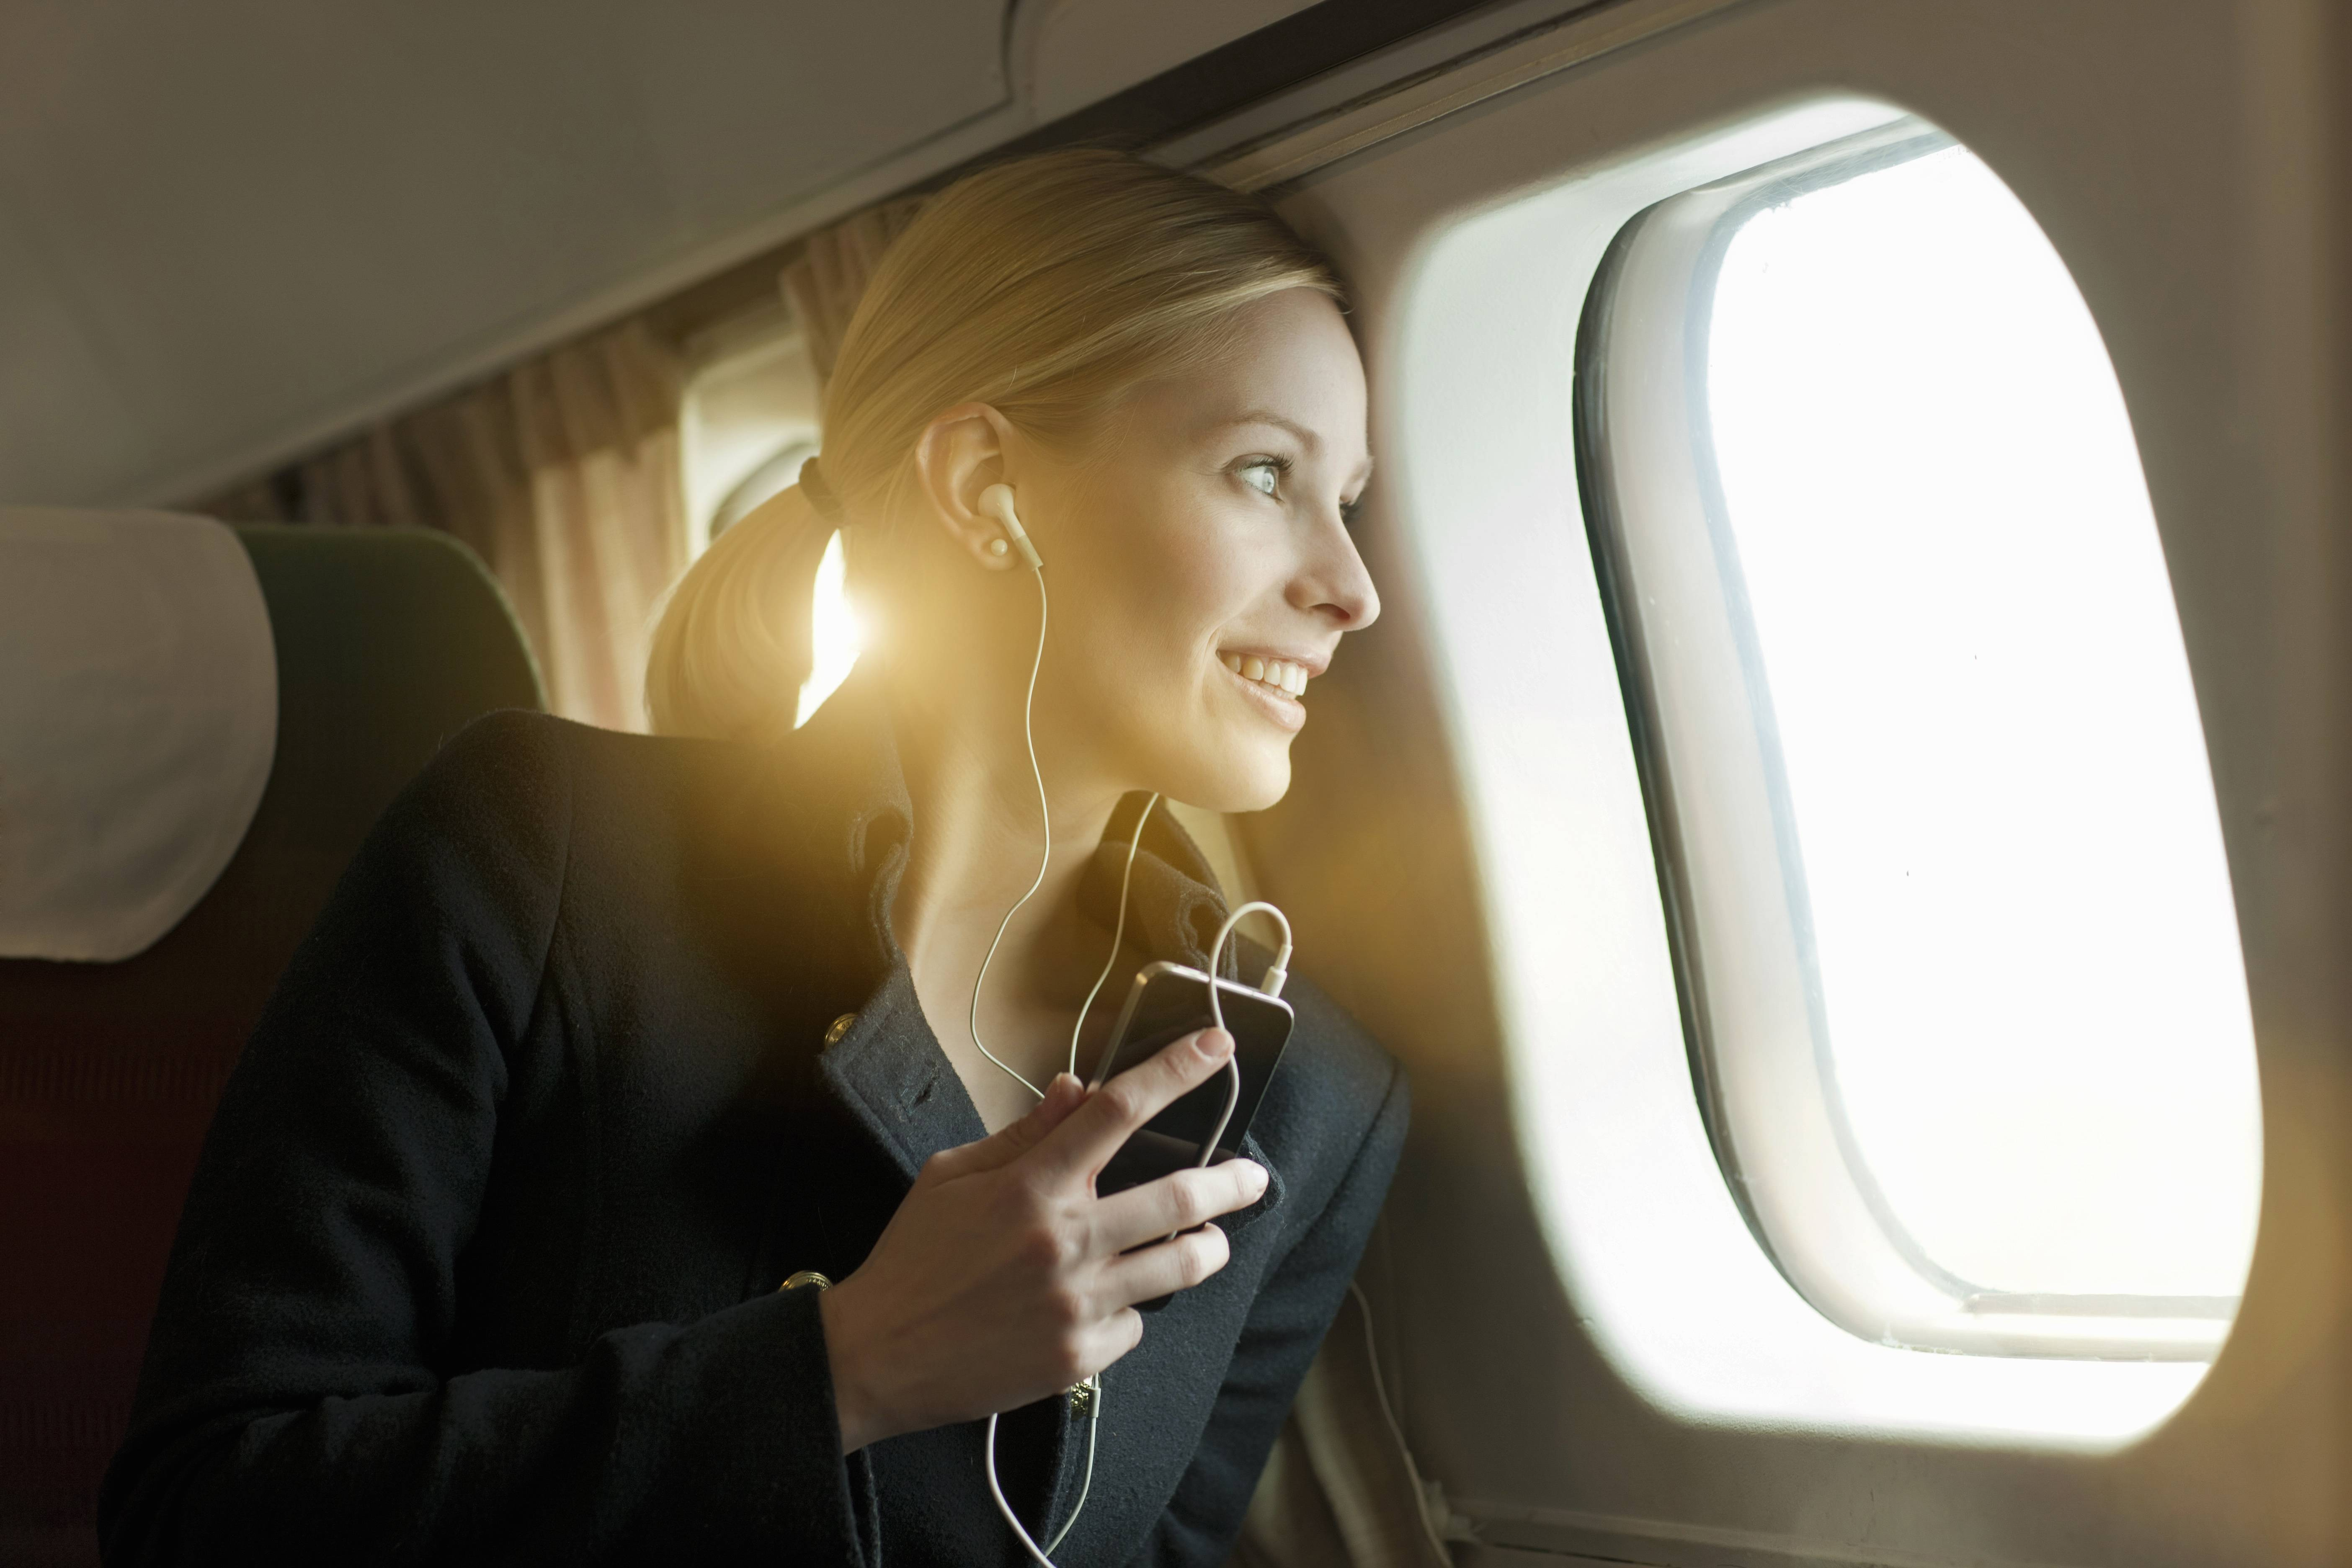 Как не бояться летать на самолете? страх полета на самолете: как преодолеть